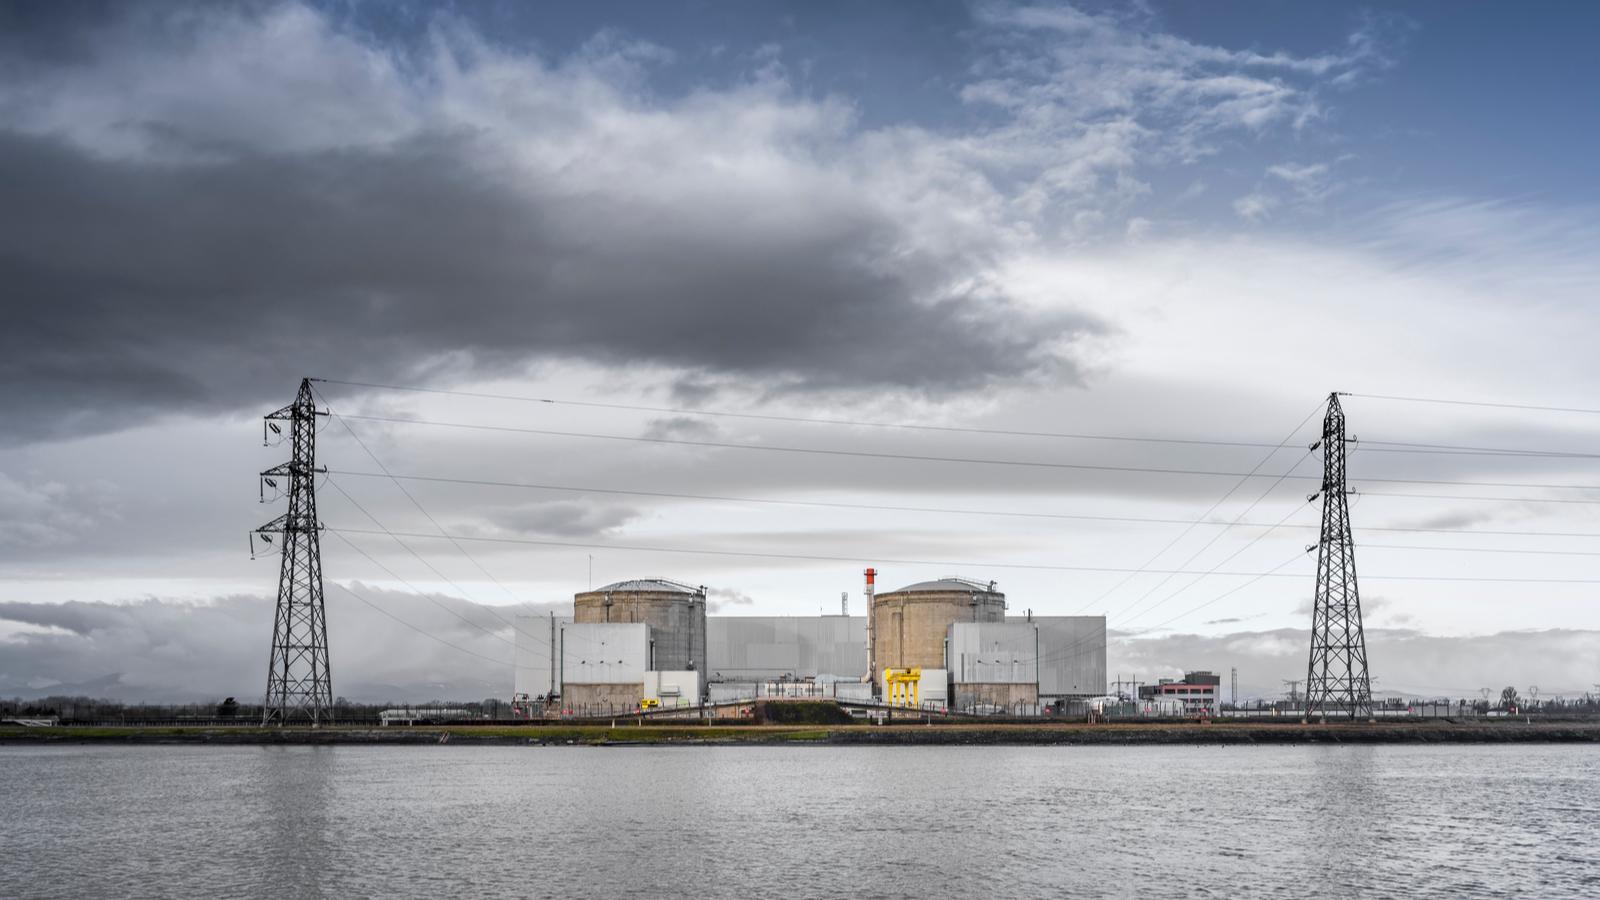 La centrale nucléaire de Fessenheim va être arrêtée ce samedi en vue de son démantèlement